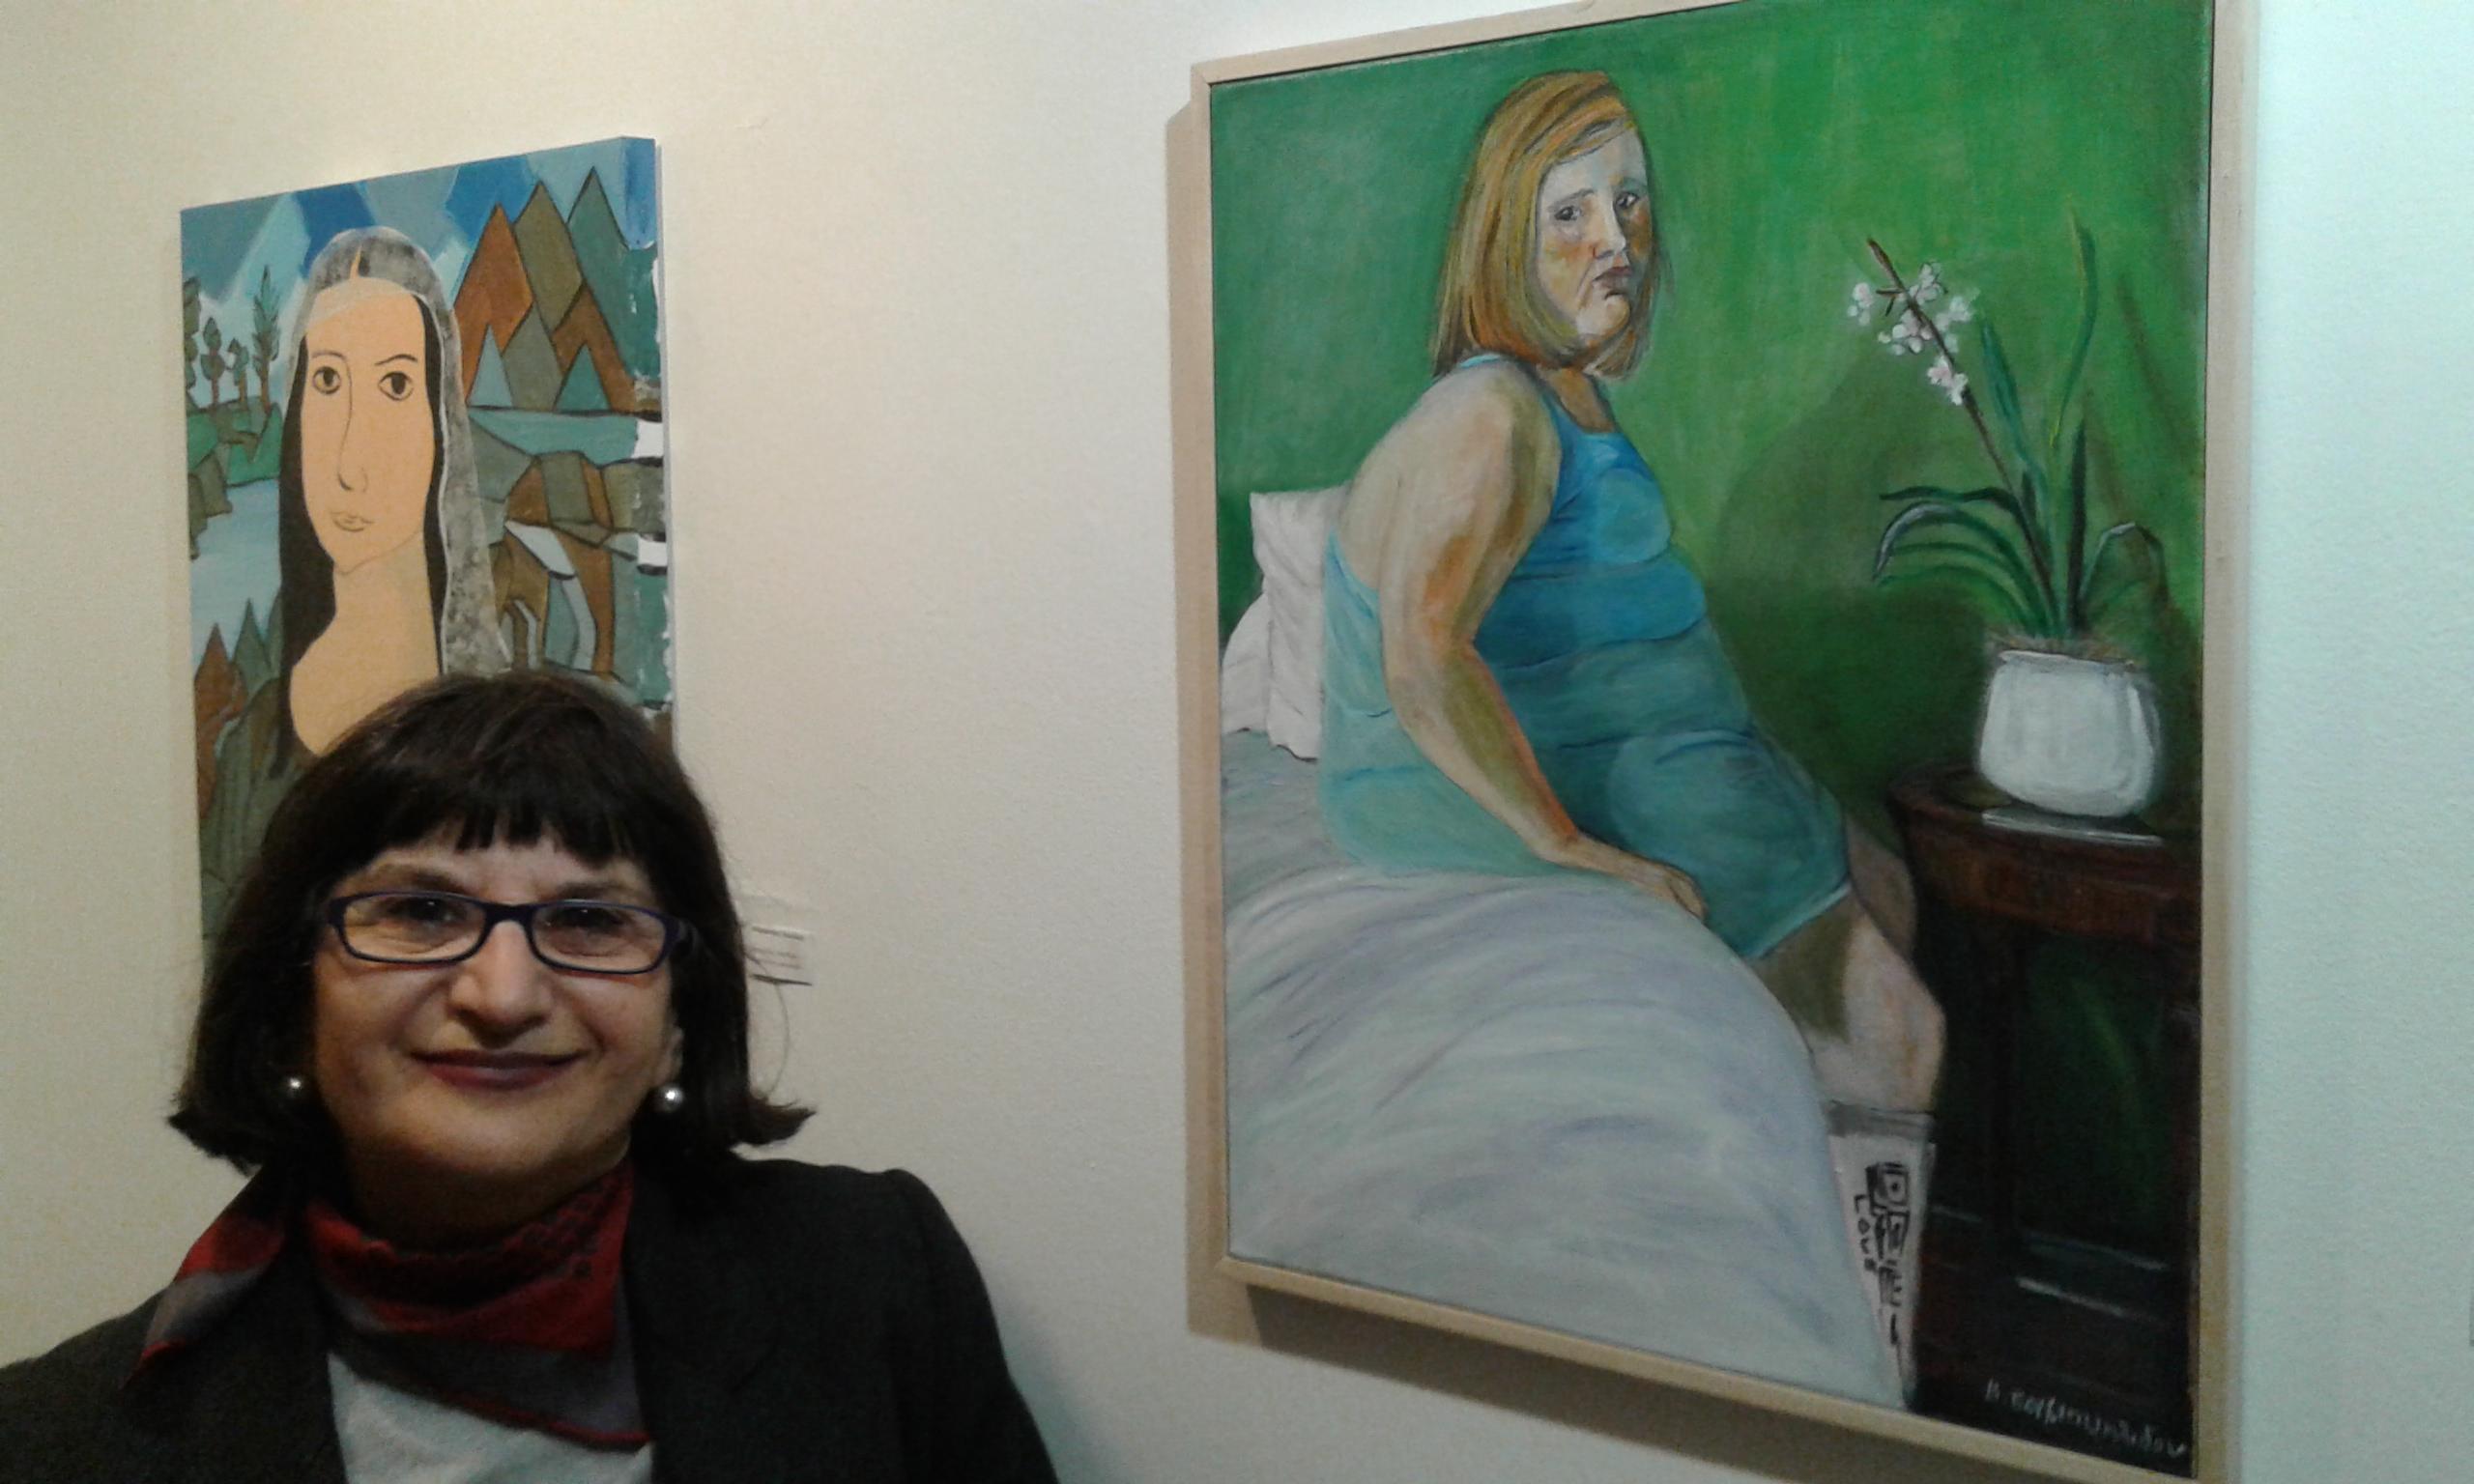 """Βίκυ Σαμουηλίδου: """"Η σύγχρονη Τέχνη στην Ελλάδα είναι ελπιδοφόρα. Γίνονται εκθέσεις, εξαιρετικές εικαστικές δράσεις."""""""